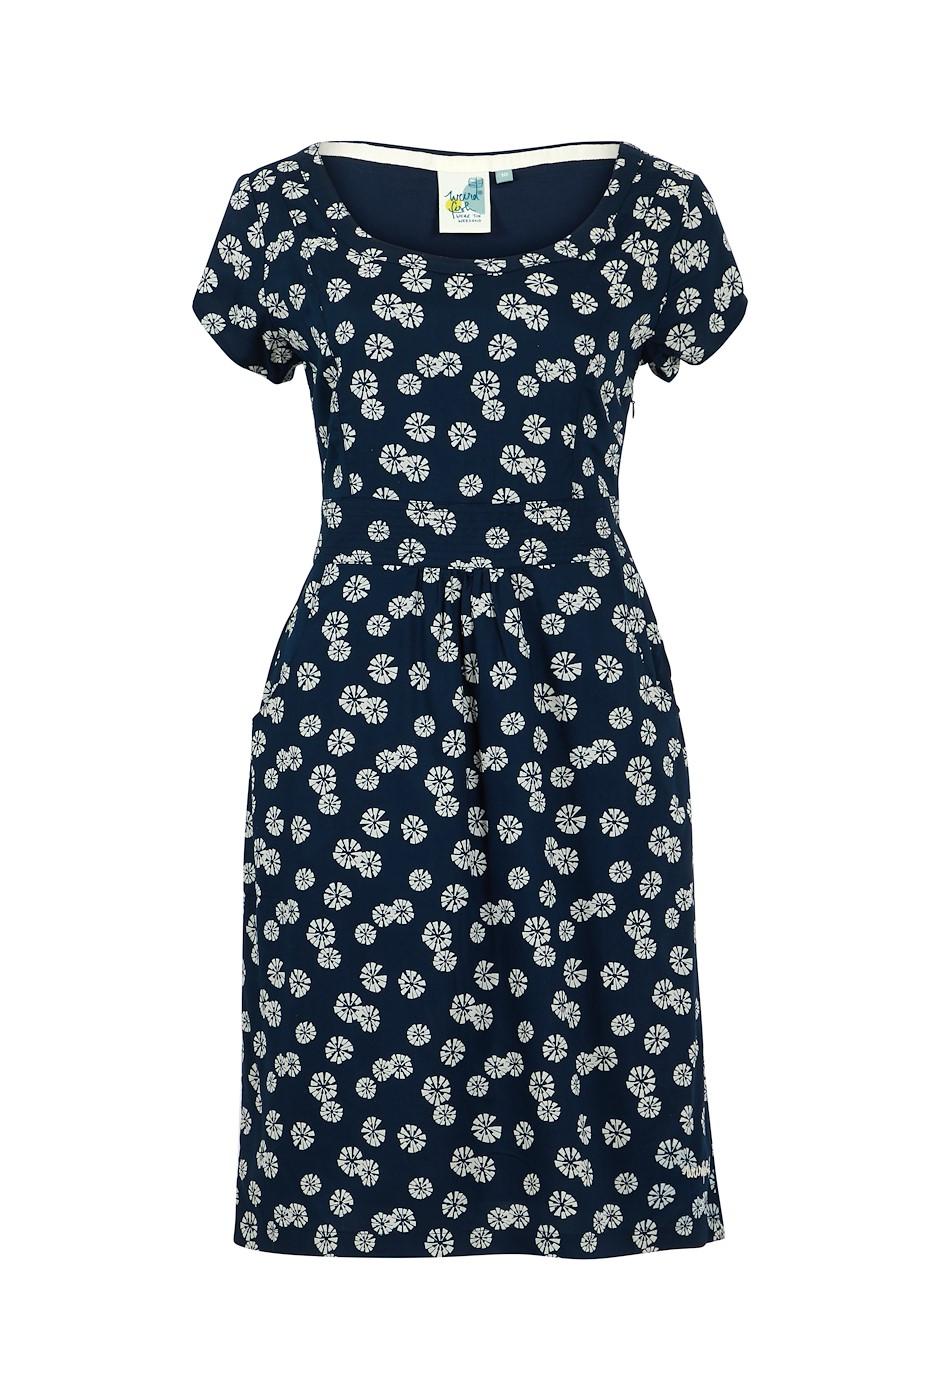 Satso Printed Viscose Dress Navy